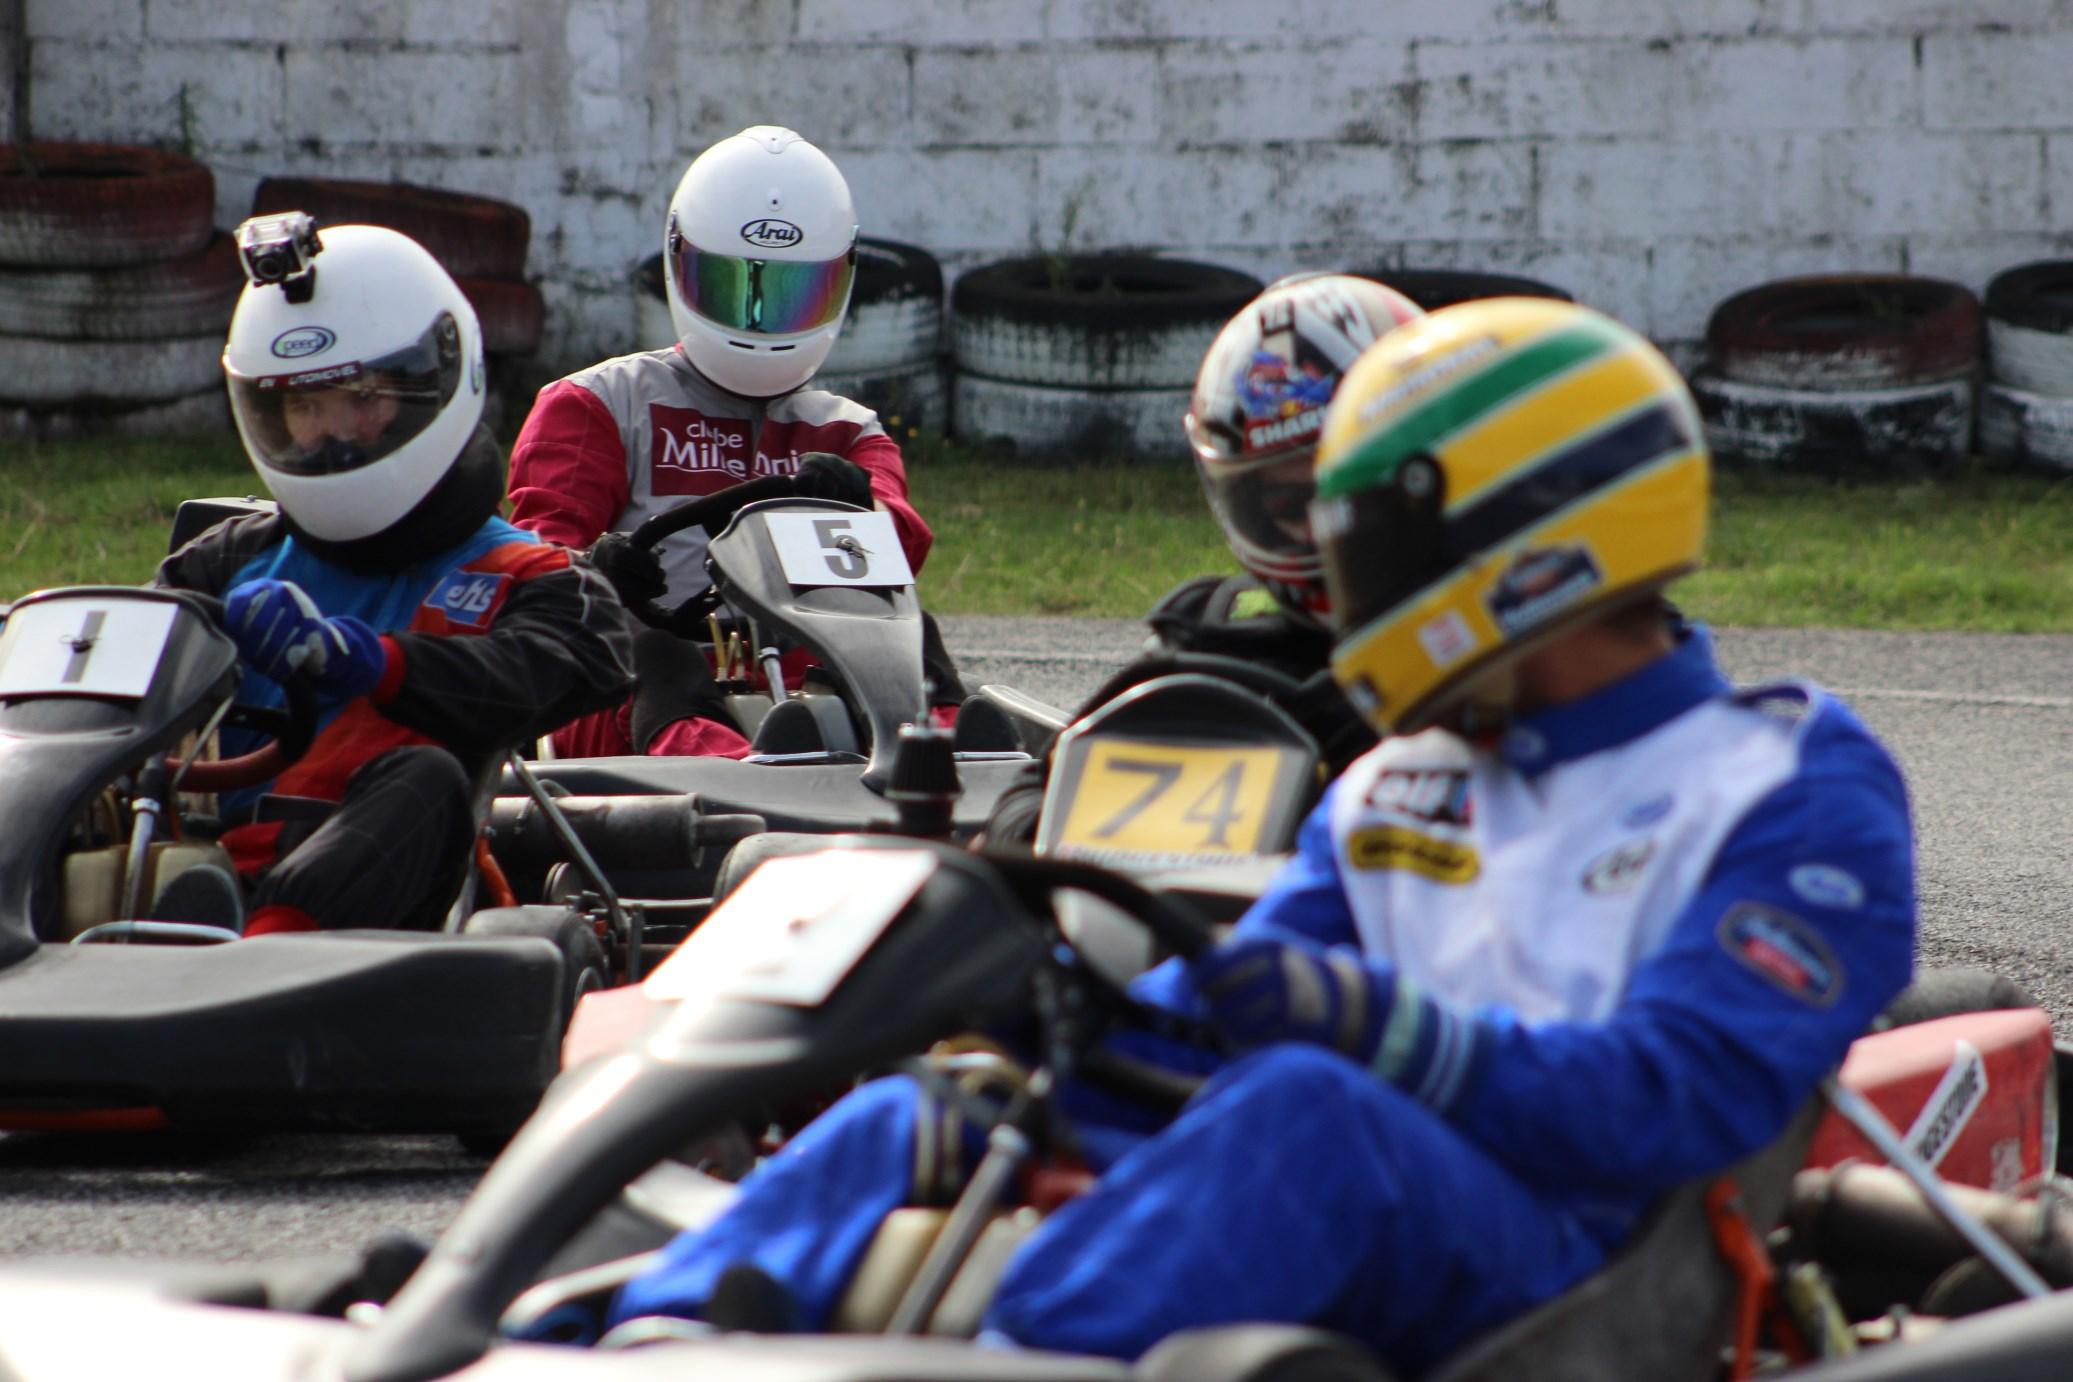 Troféu Honda 2014 - 4ª Prova162